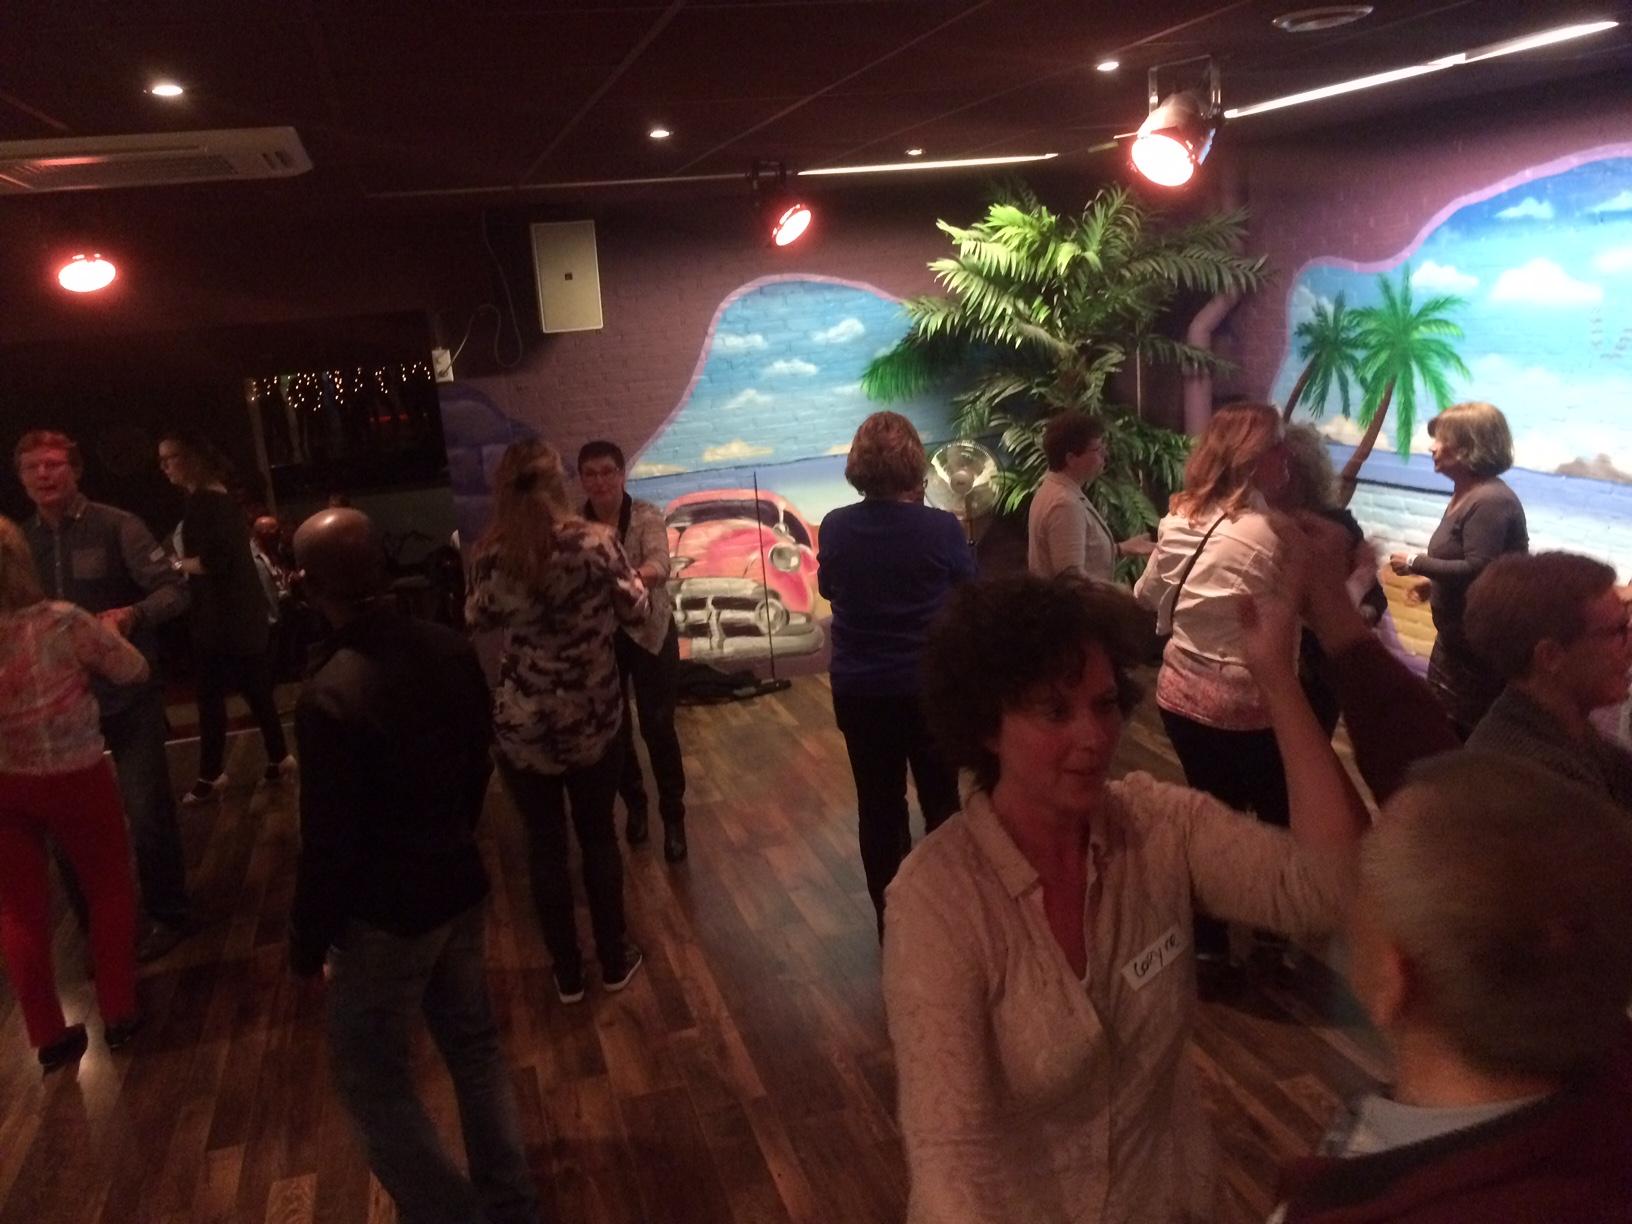 singlescafe bij danscentrum El Centro de la Salsa Hengelo (ov) incl. workshop salsadansen wat een groot succes bleek!